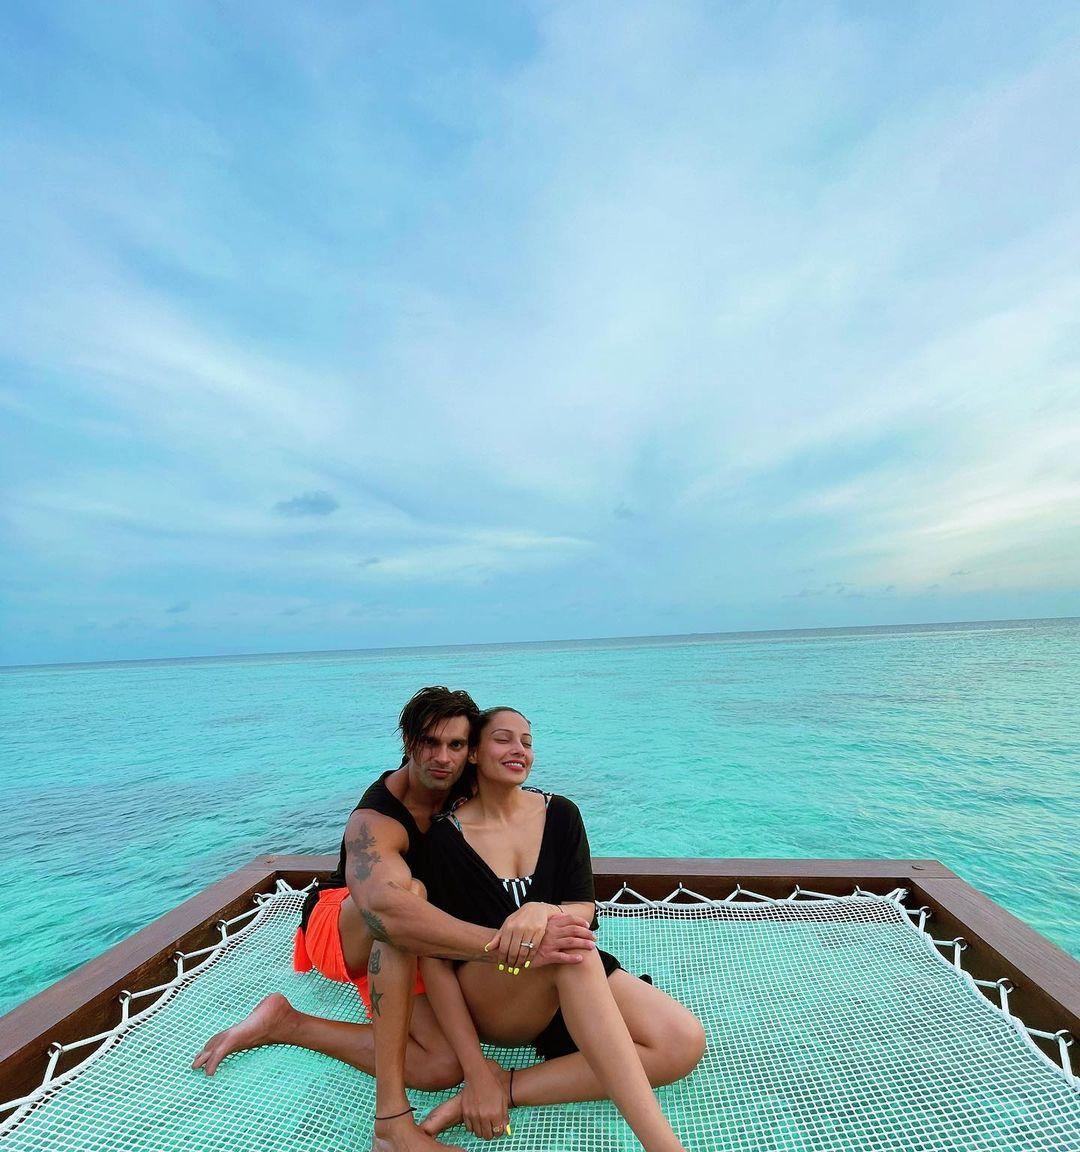 Maldives Trip of Bipasha Basu